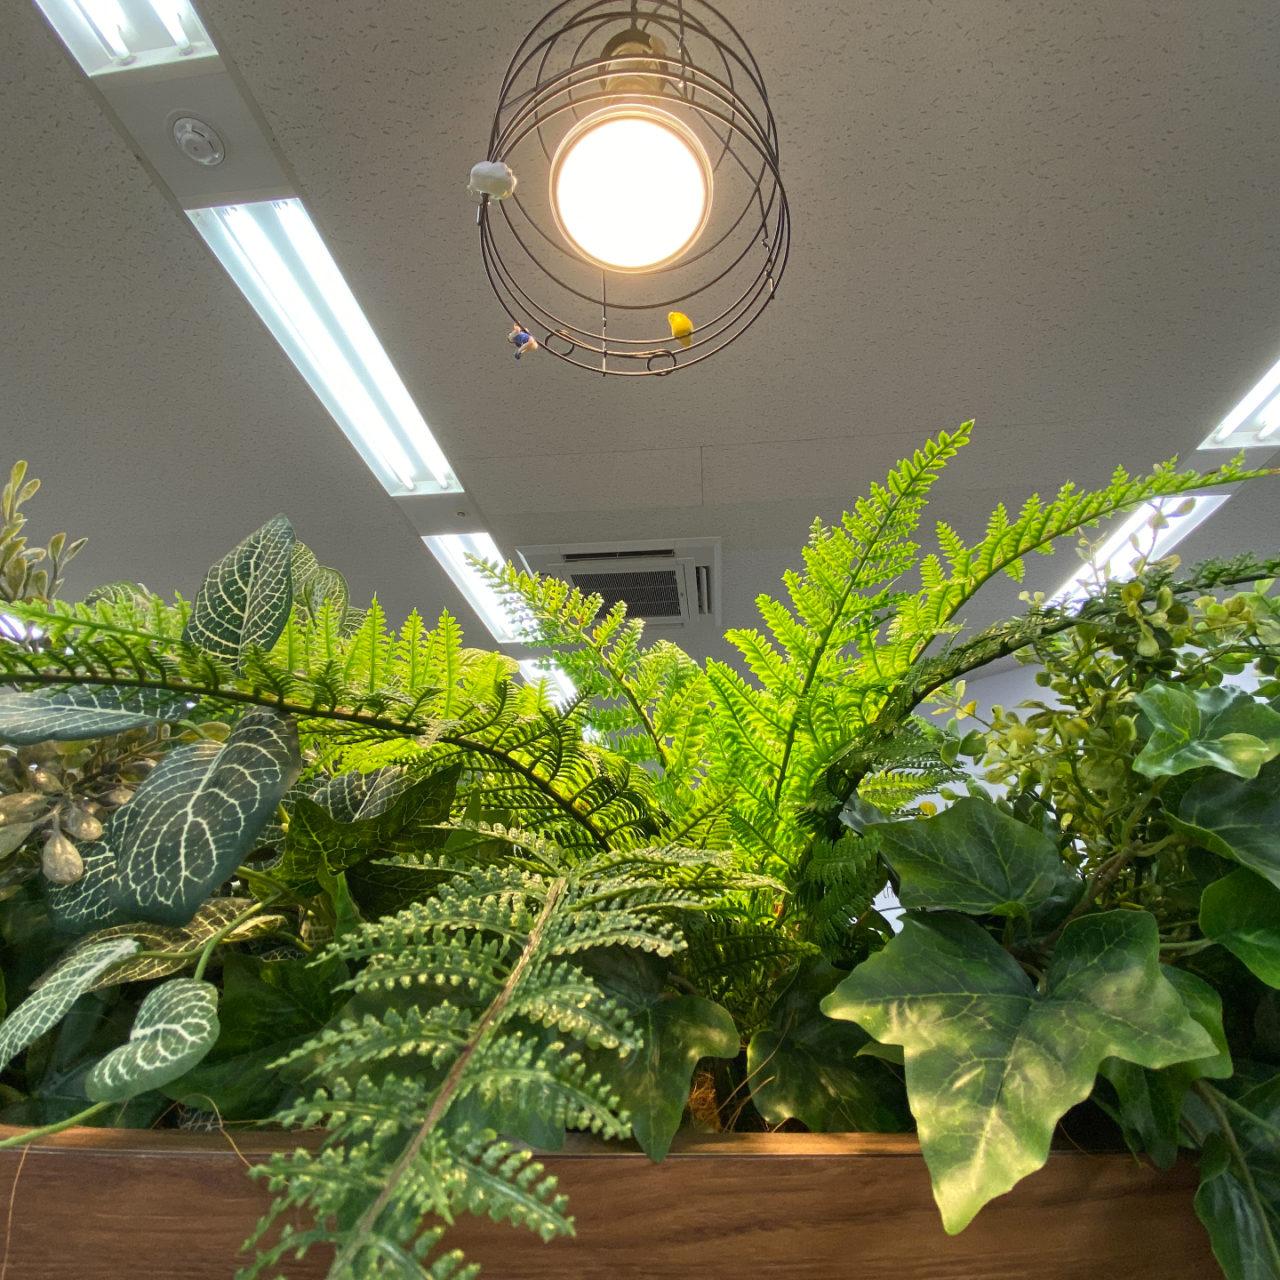 頭を上げたときのフェイクの観葉植物。僕が見た光景